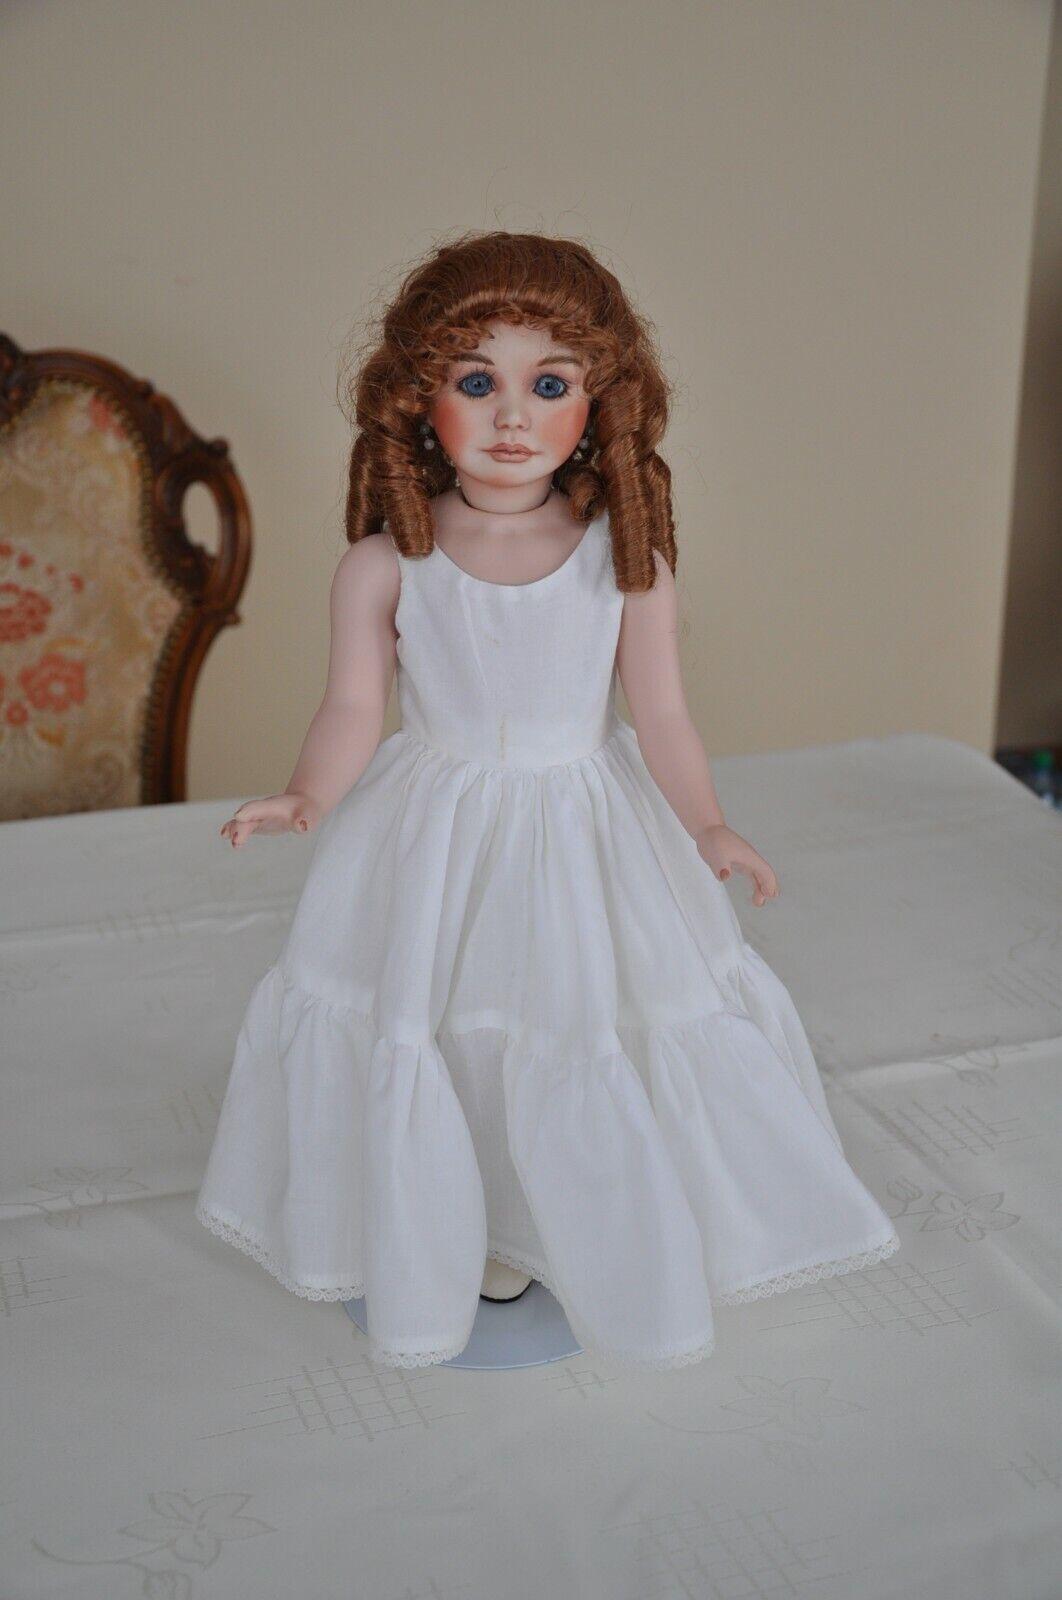 Porcelain doll BETHANY AUDREY T HAHANN HAHANN HAHANN 28662e